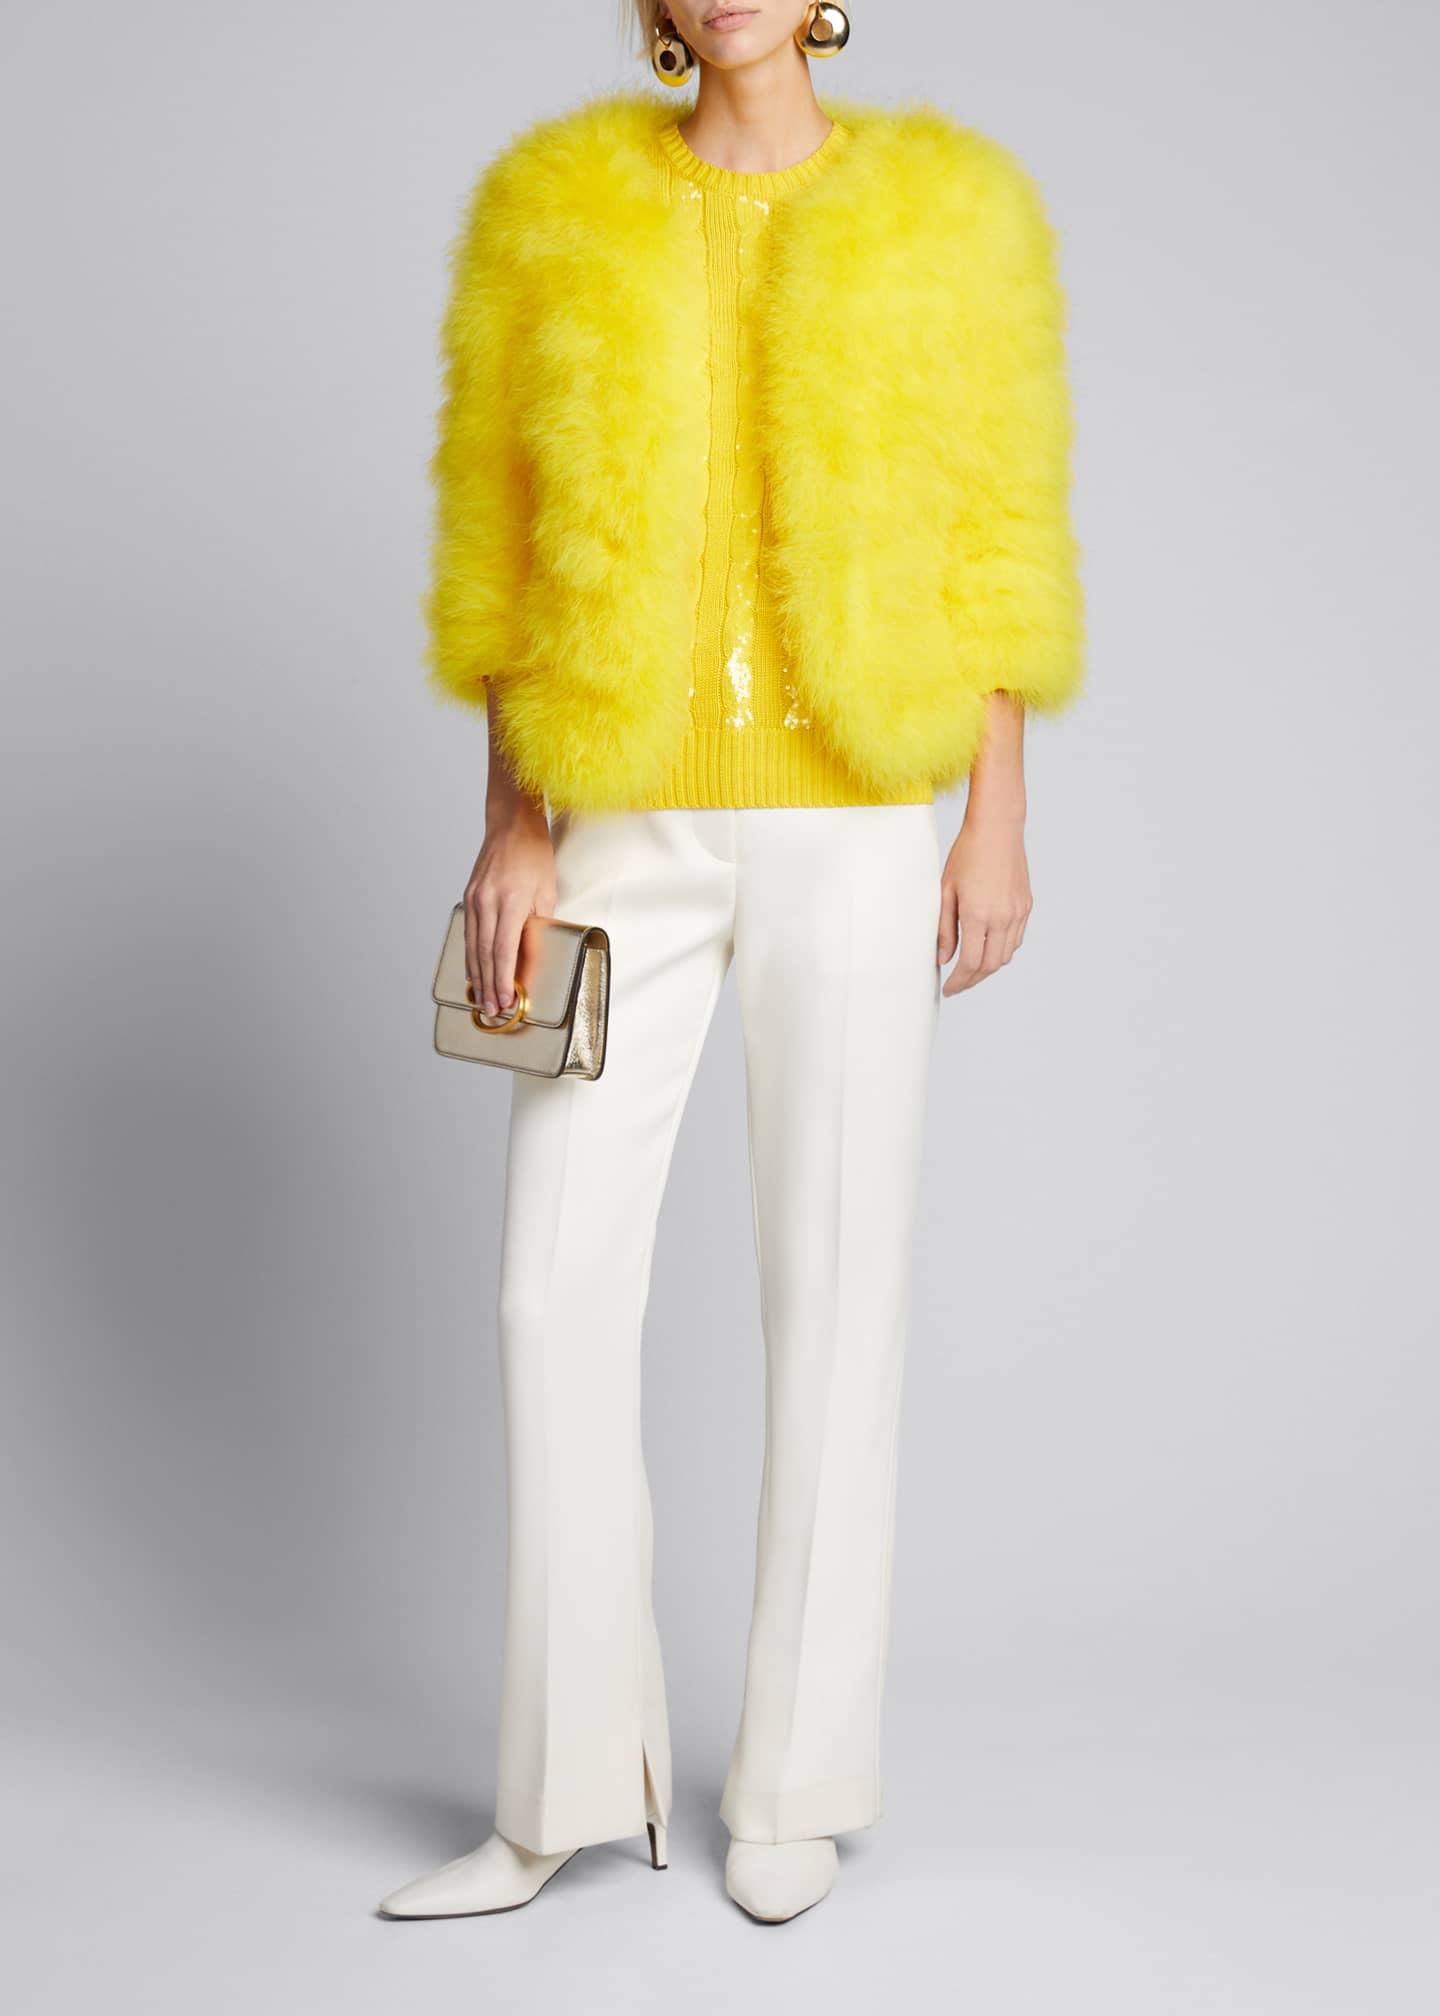 Ralph Lauren Collection Adalyn Feather Coat